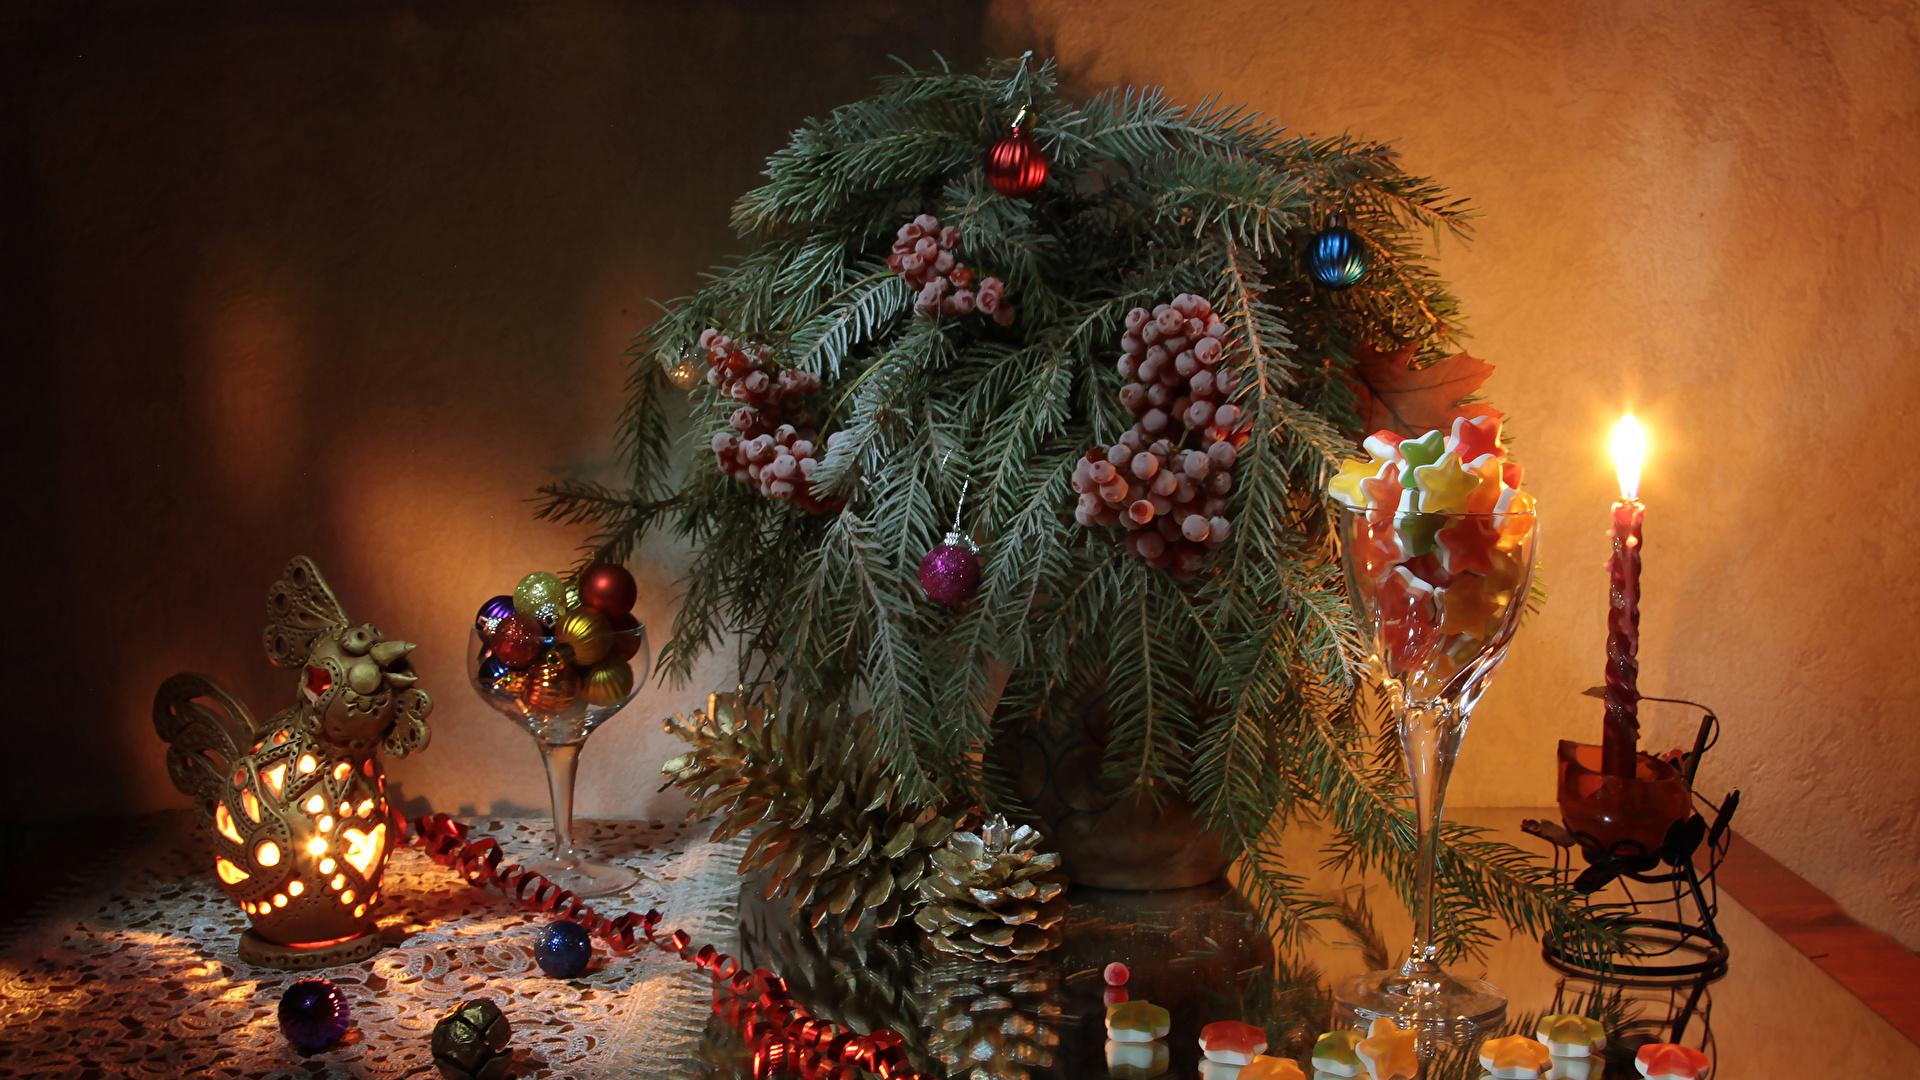 Фото Новый год Еда Шишки Свечи Ягоды Шарики на ветке Натюрморт сладкая еда 1920x1080 Рождество Шар Пища шишка ветвь ветка Ветки Продукты питания Сладости